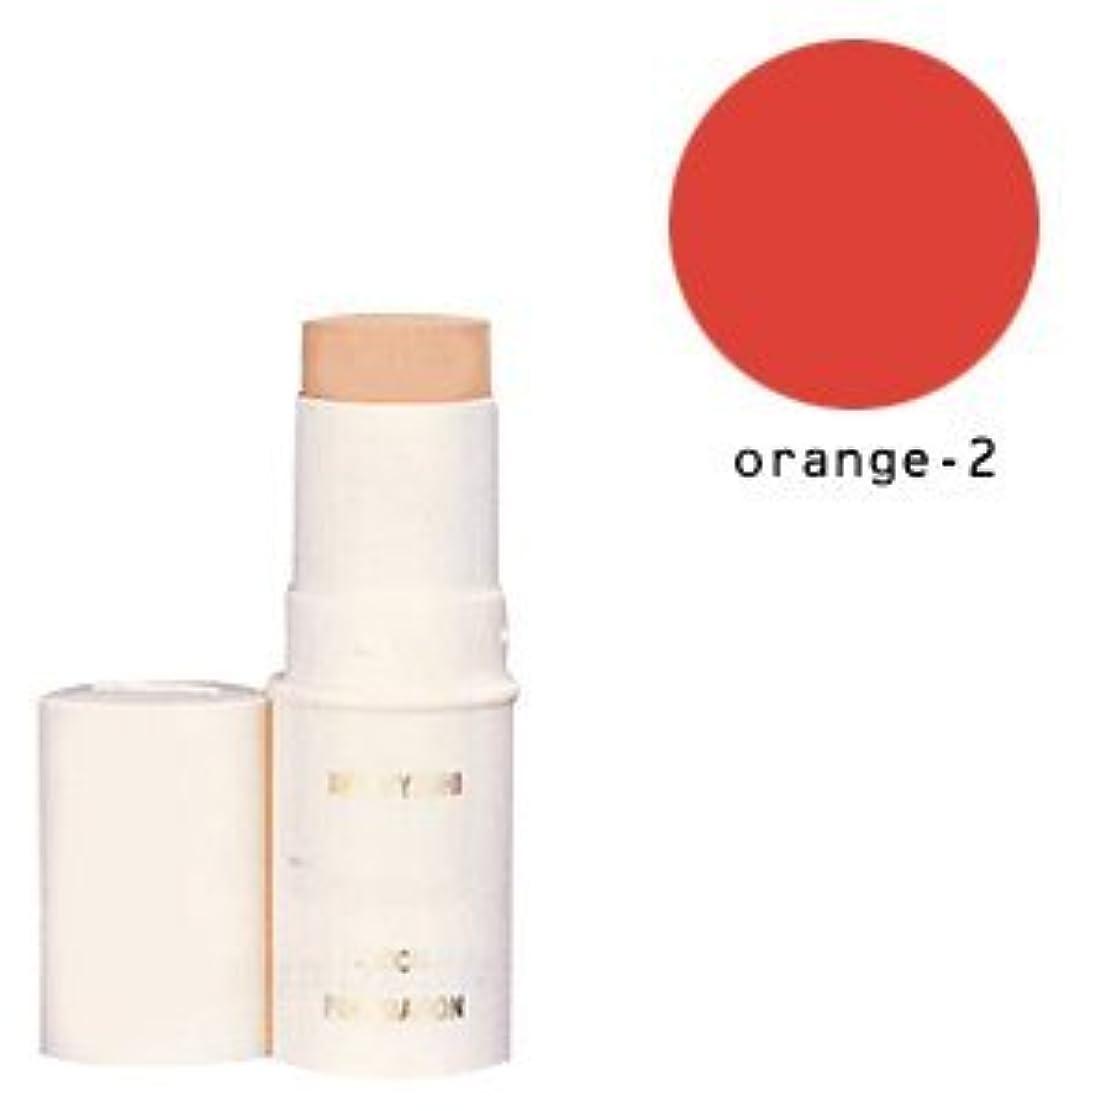 性別ベット顕著三善 スティックファンデーション オレンジ2